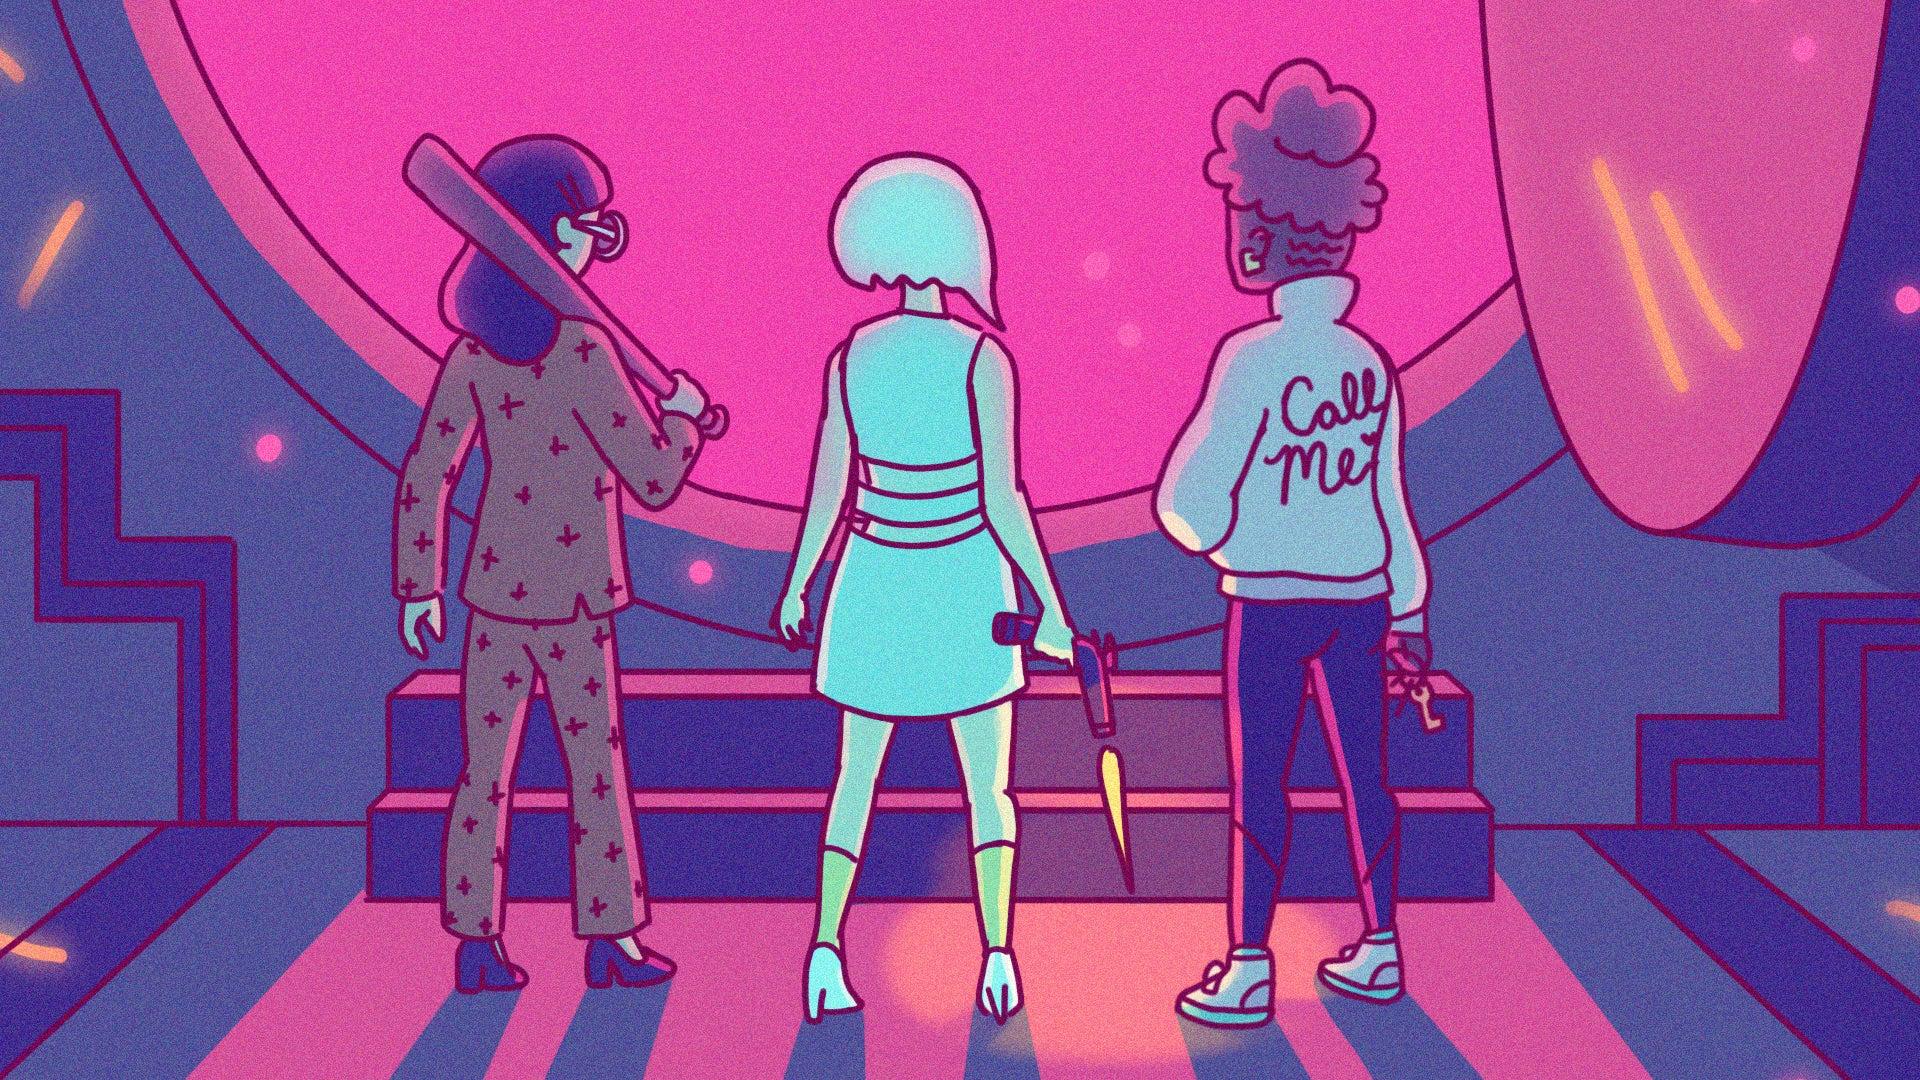 boy-problems-rpg-artwork-back.jpg